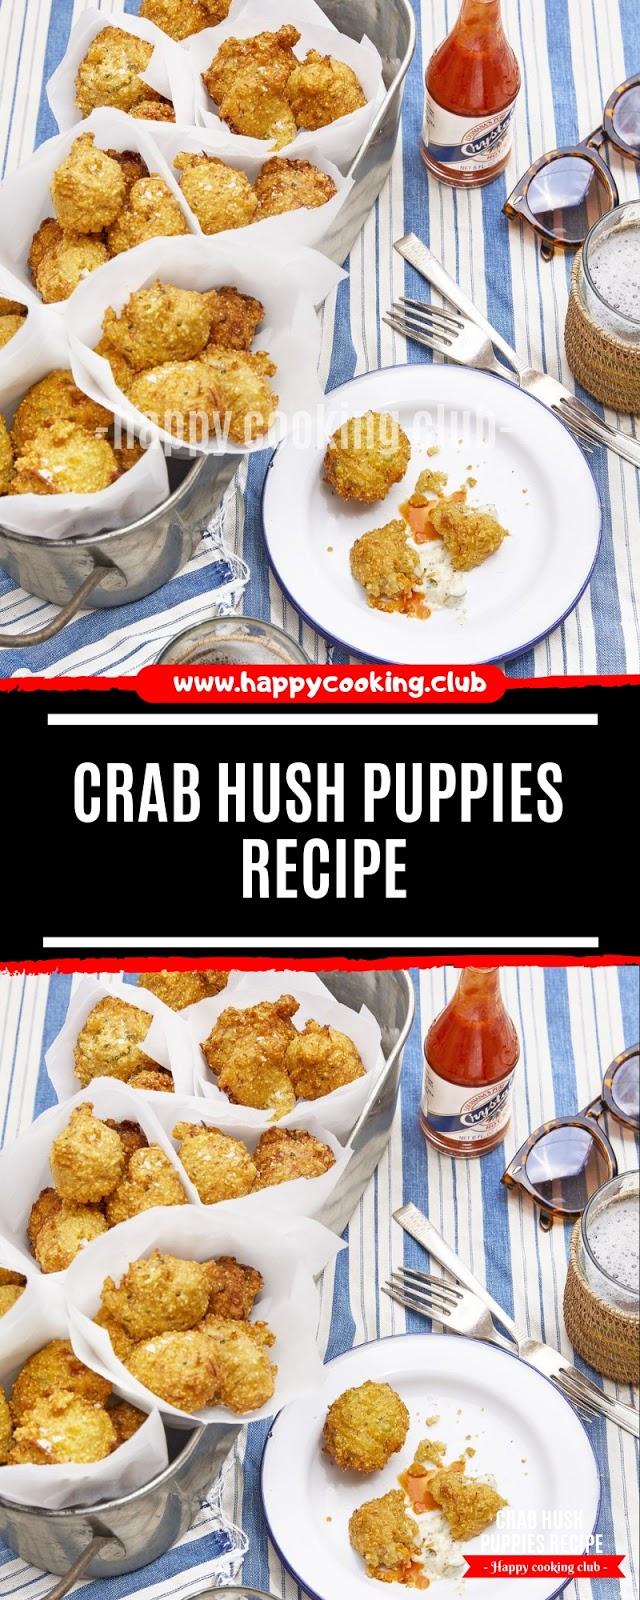 Crab Hush Puppies Recipe